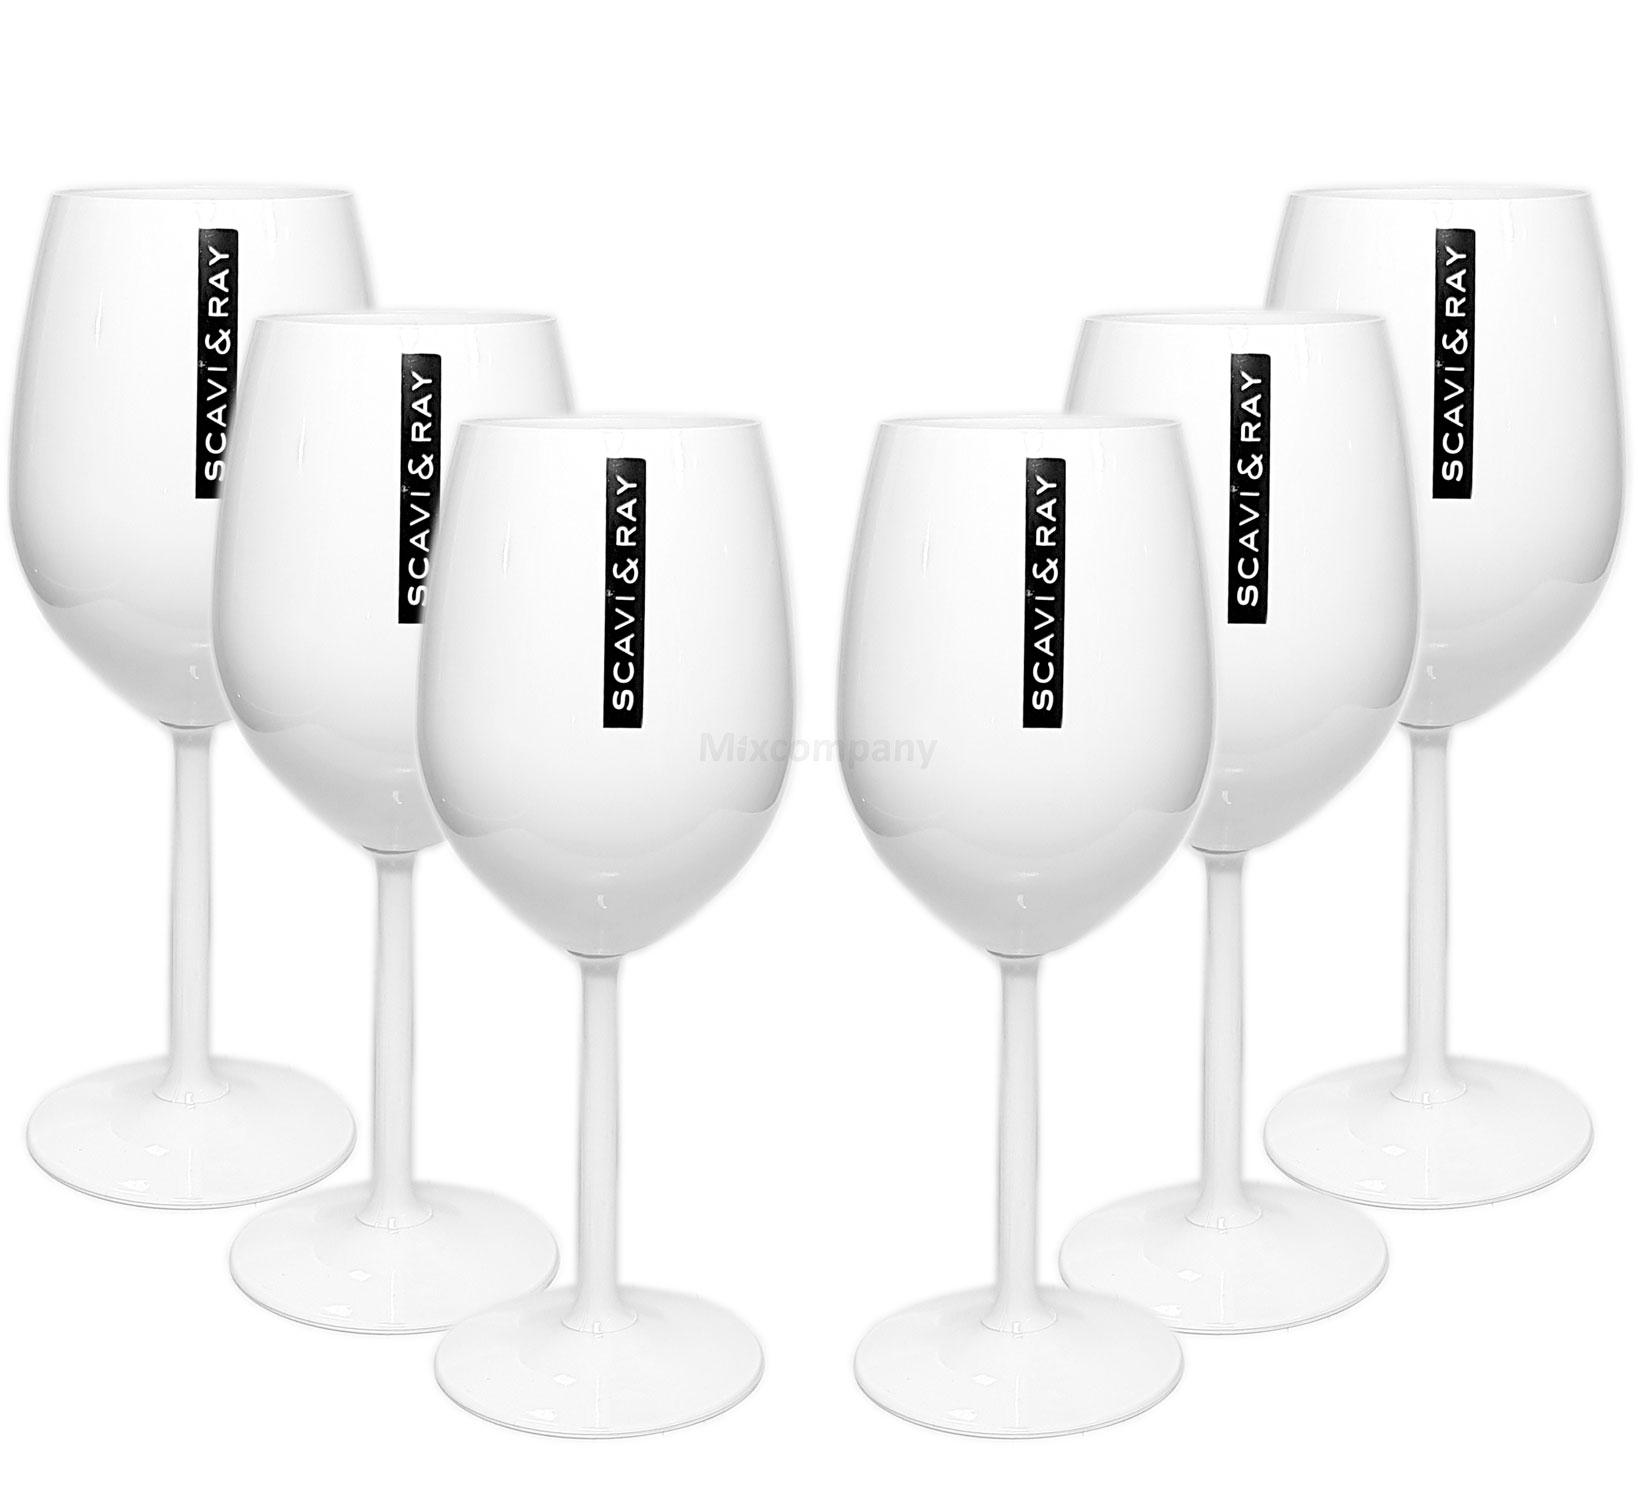 Scavi & Ray ICE Glas Gläser-Set - 6x Champagner / Wein ICE Gläser weiss